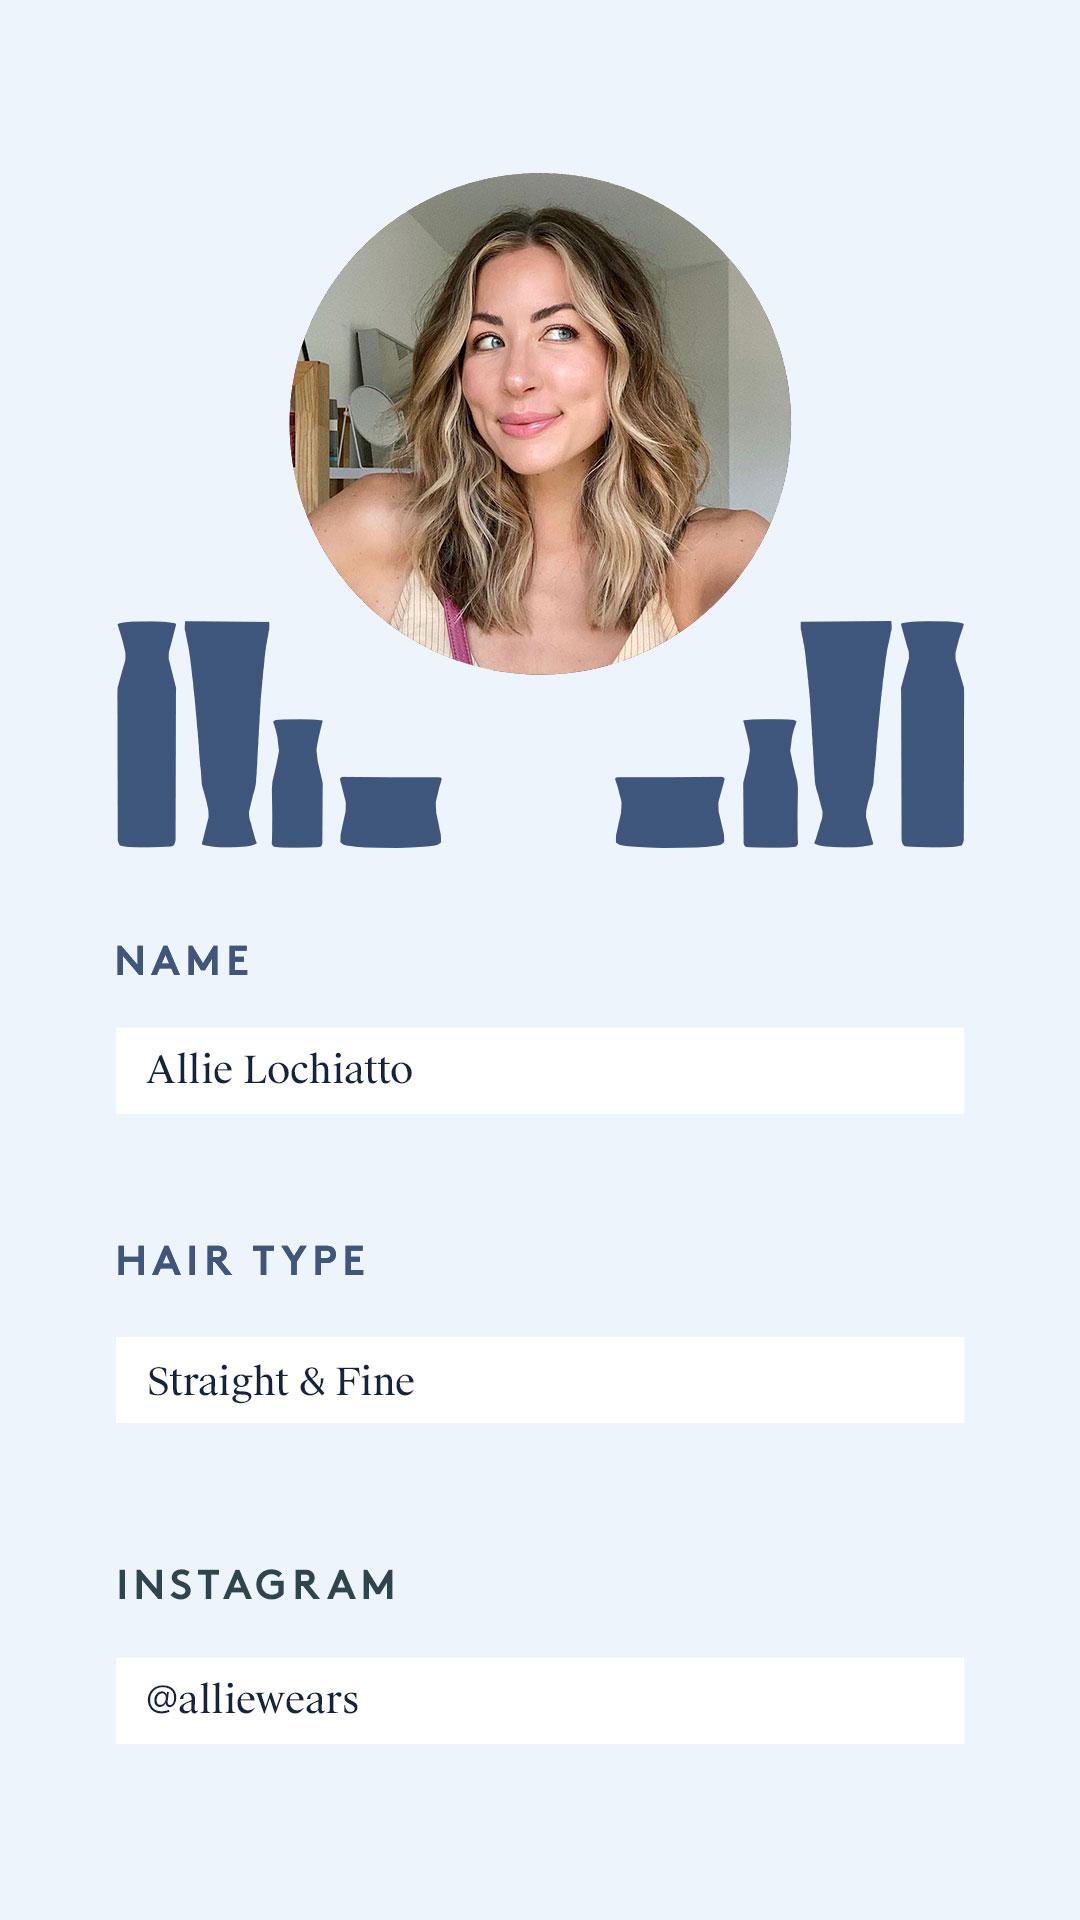 Allie Lochiatto